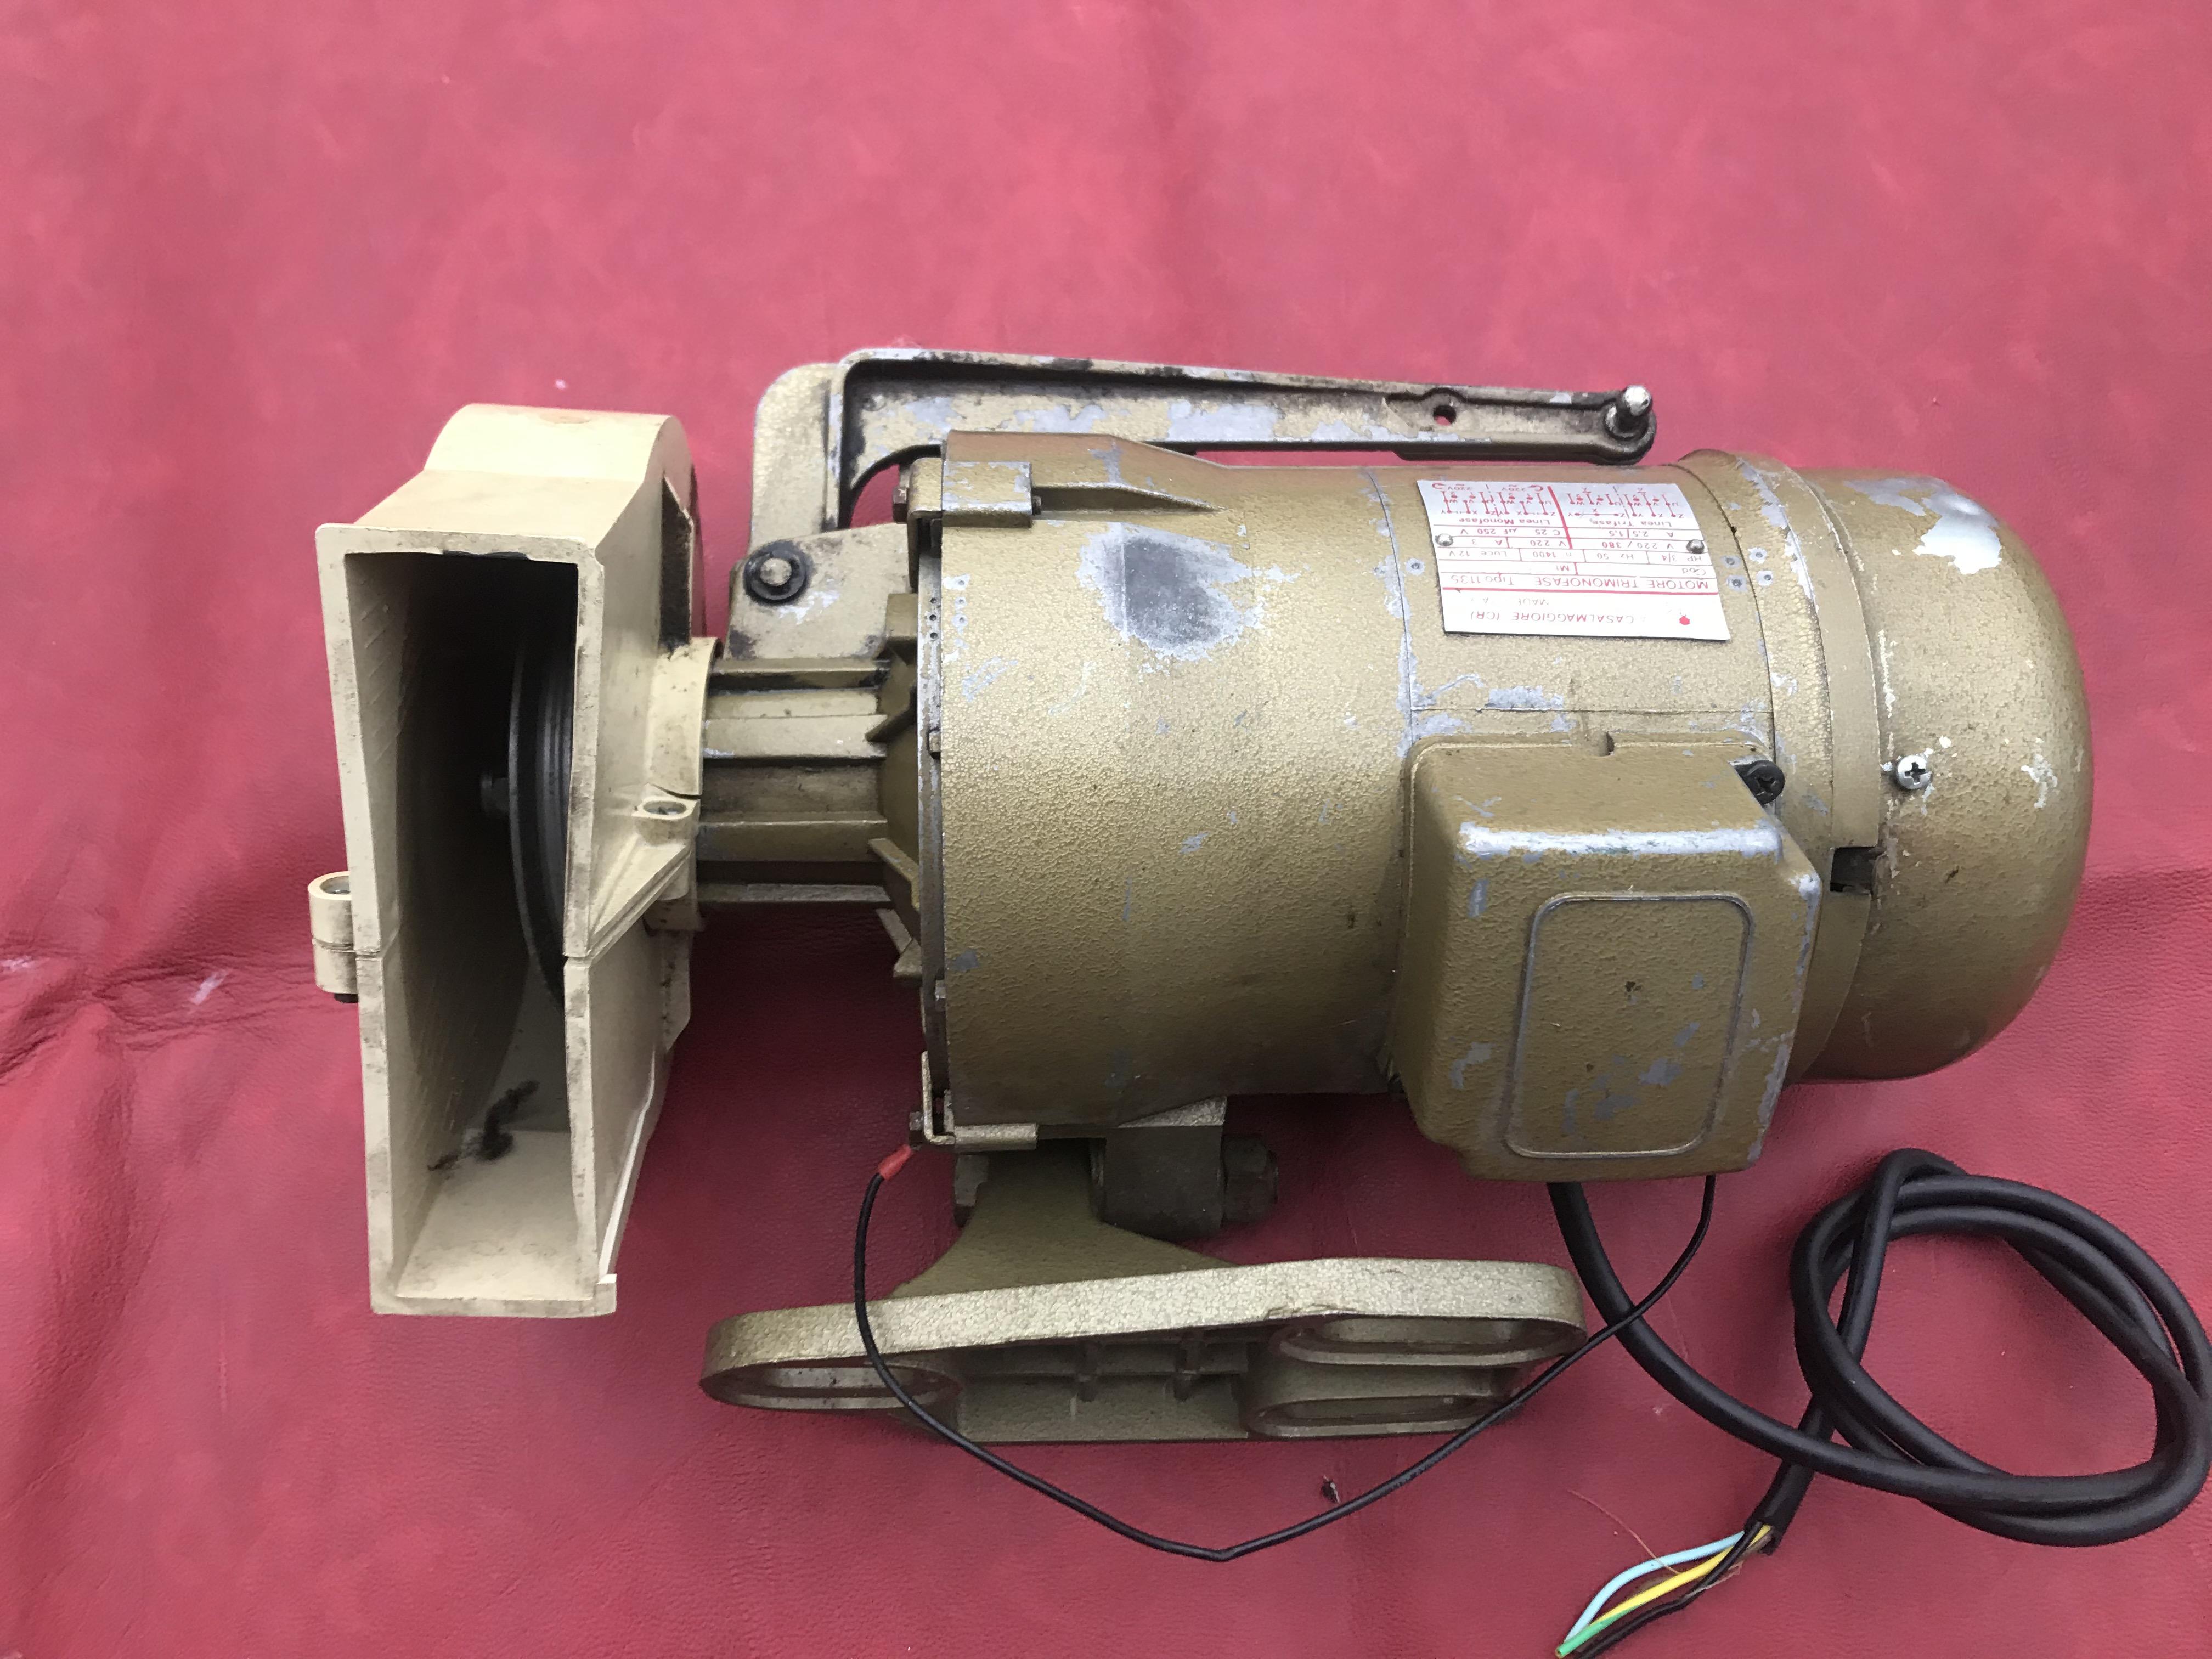 FIR Motore trimonofase macchina da cucire in vendita - foto 1